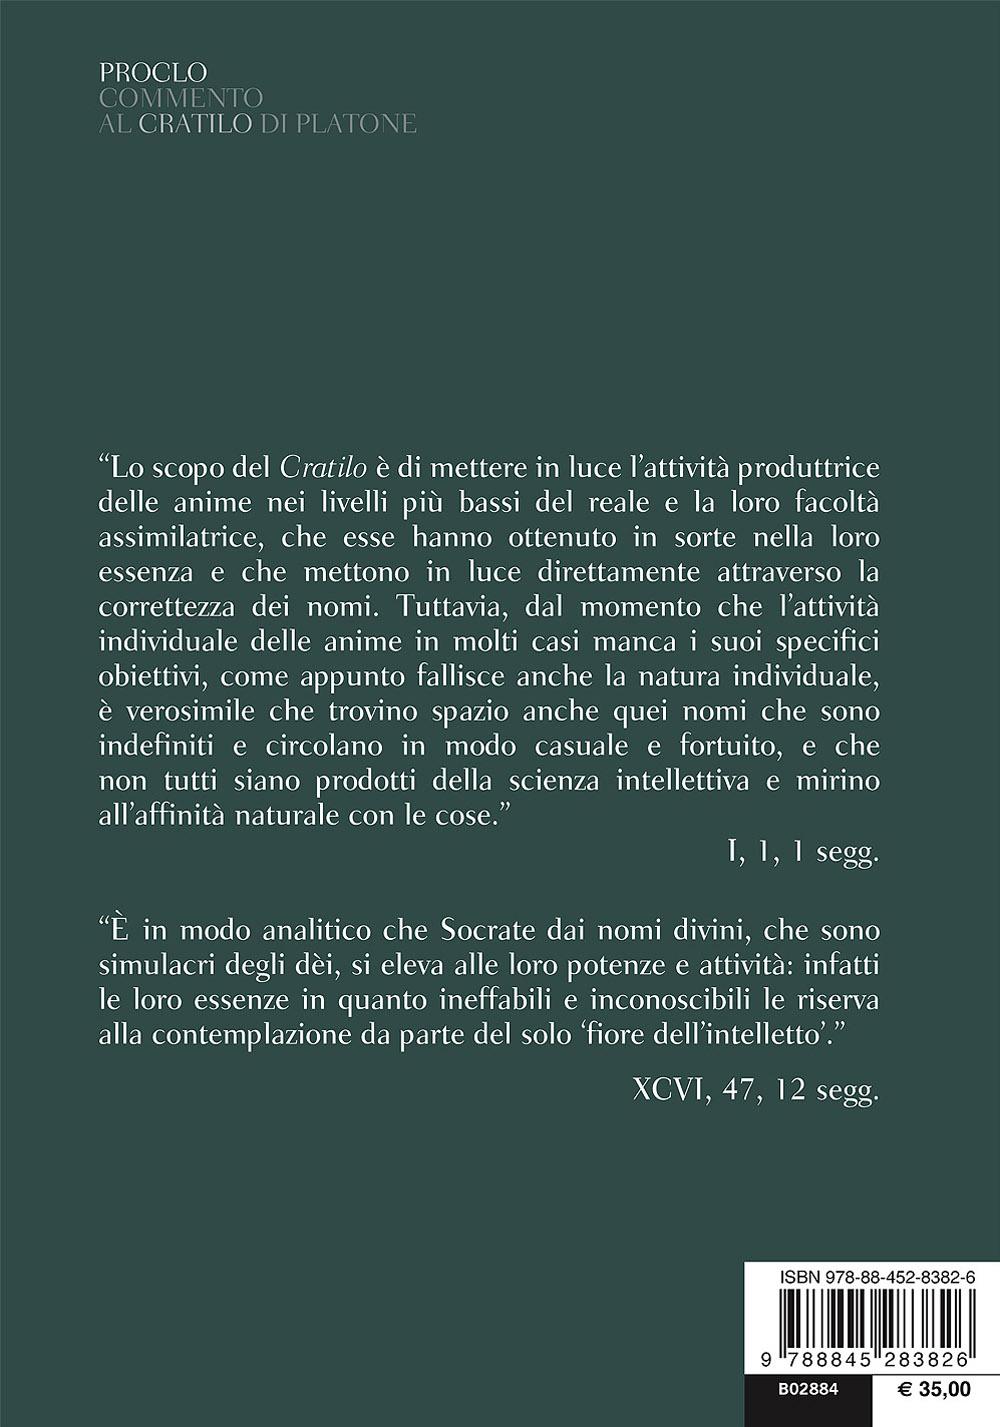 Commento al Cratilo di Platone